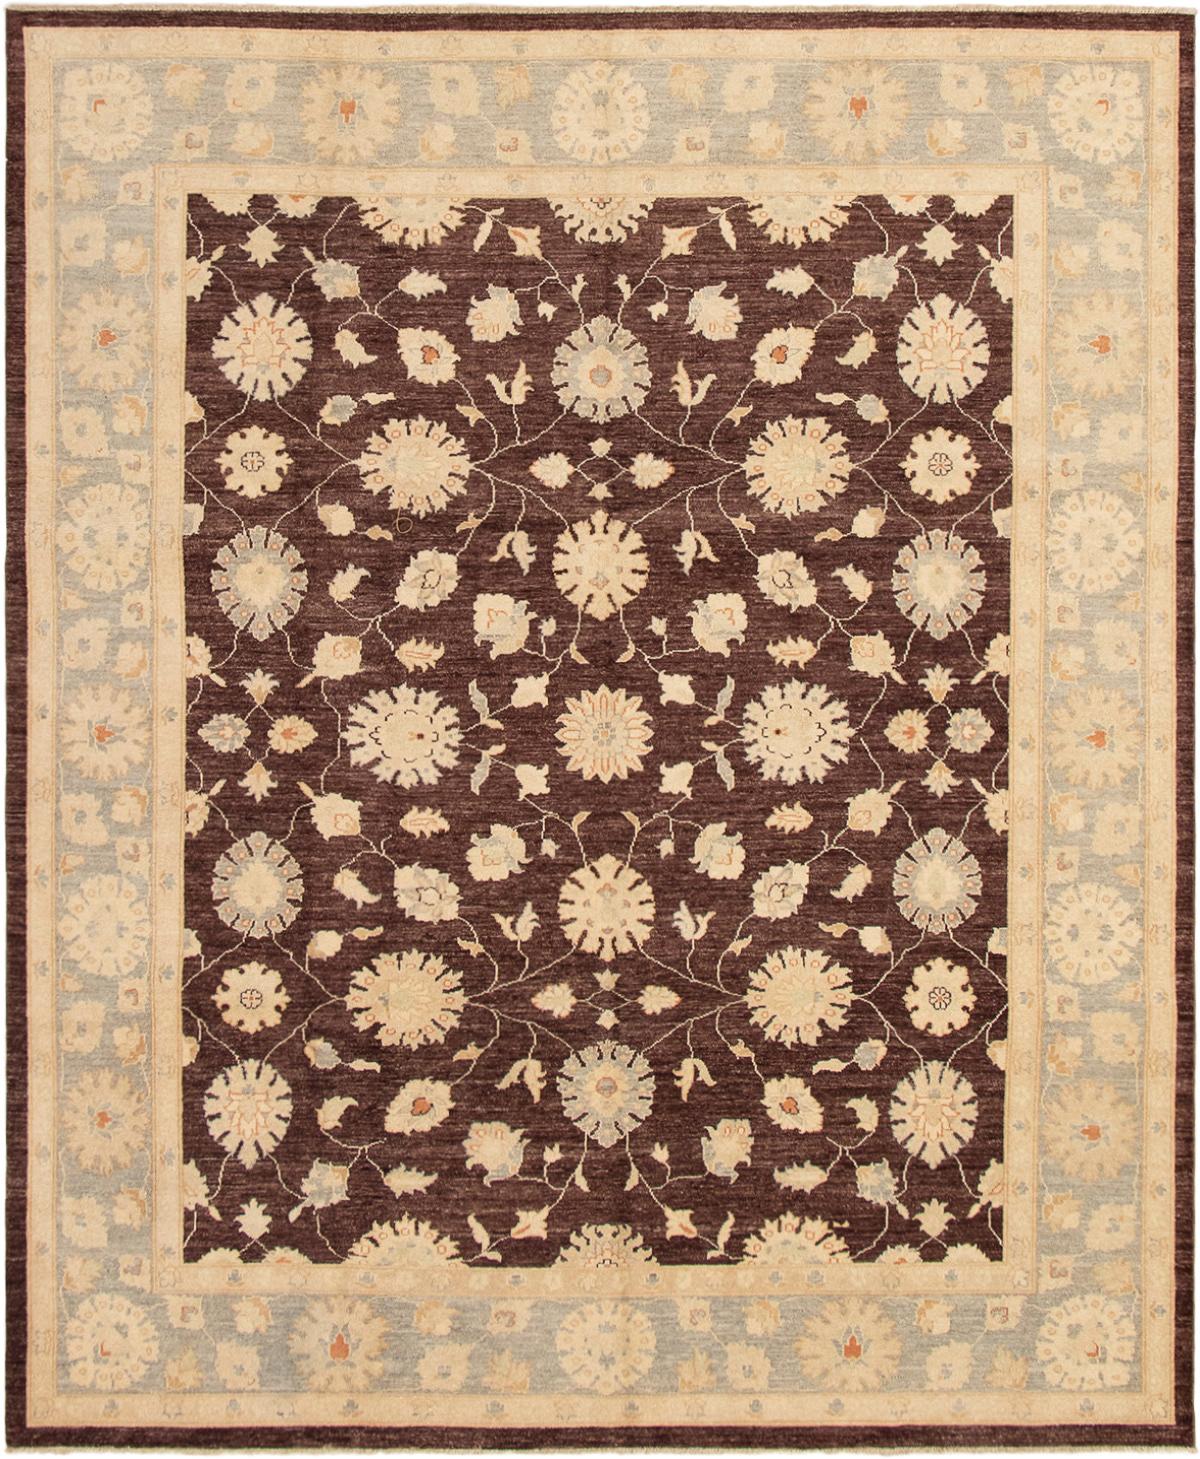 """Hand-knotted Peshawar Finest Dark Brown Wool Rug 8'2"""" x 9'10"""" Size: 8'2"""" x 9'10"""""""